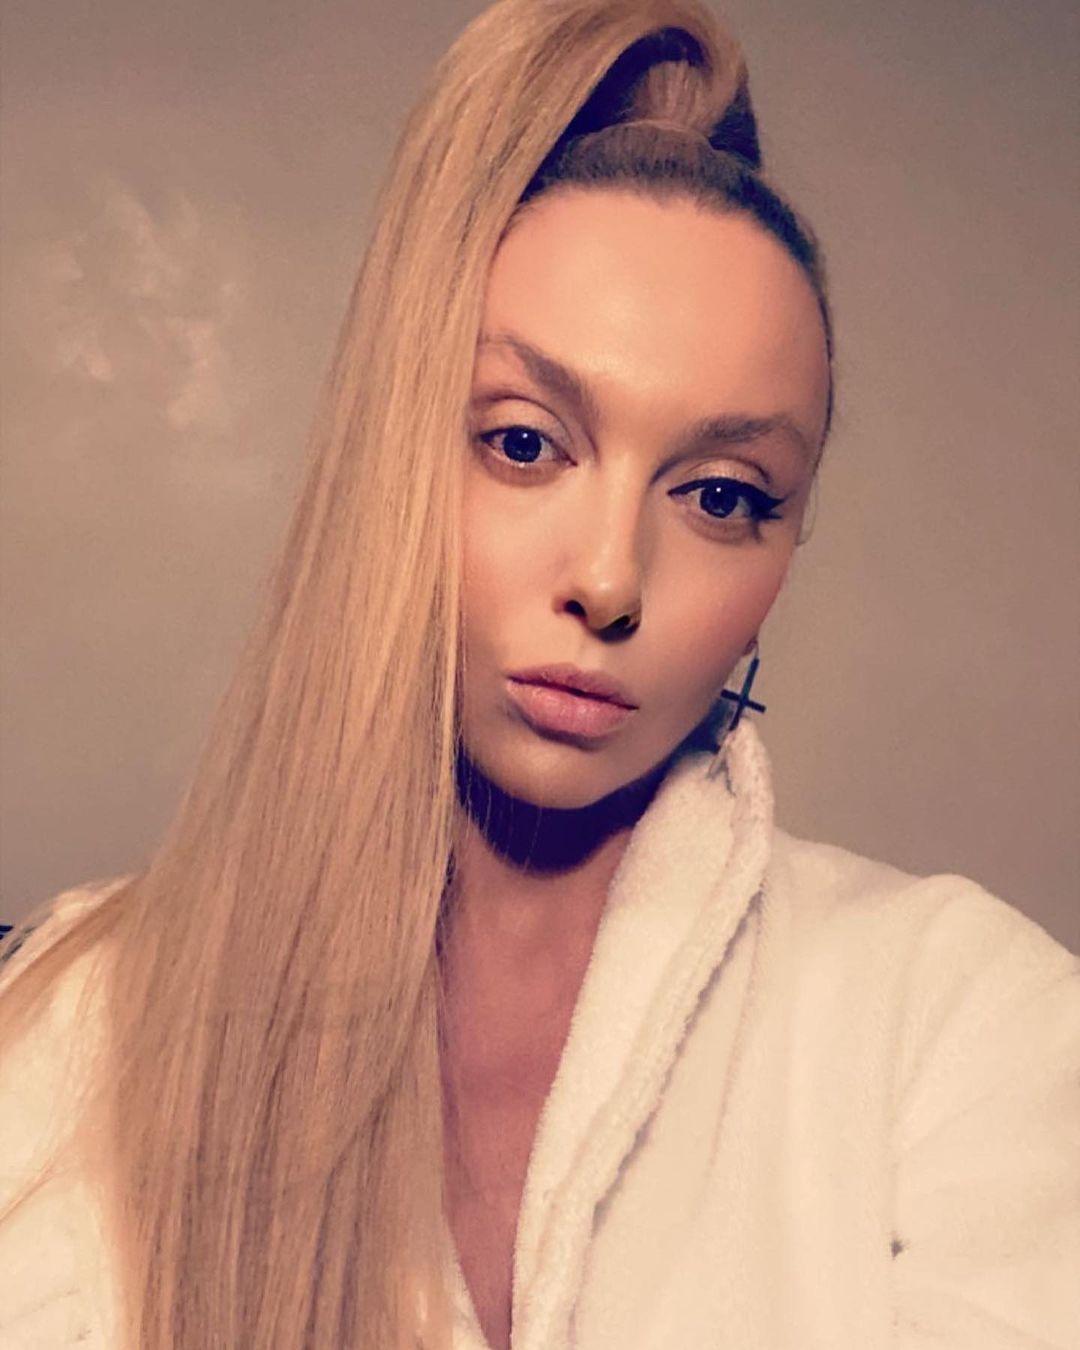 Вслед за Ани Лорак: Оля Полякова обвинила известного продюсера в домогательствах - фото №1